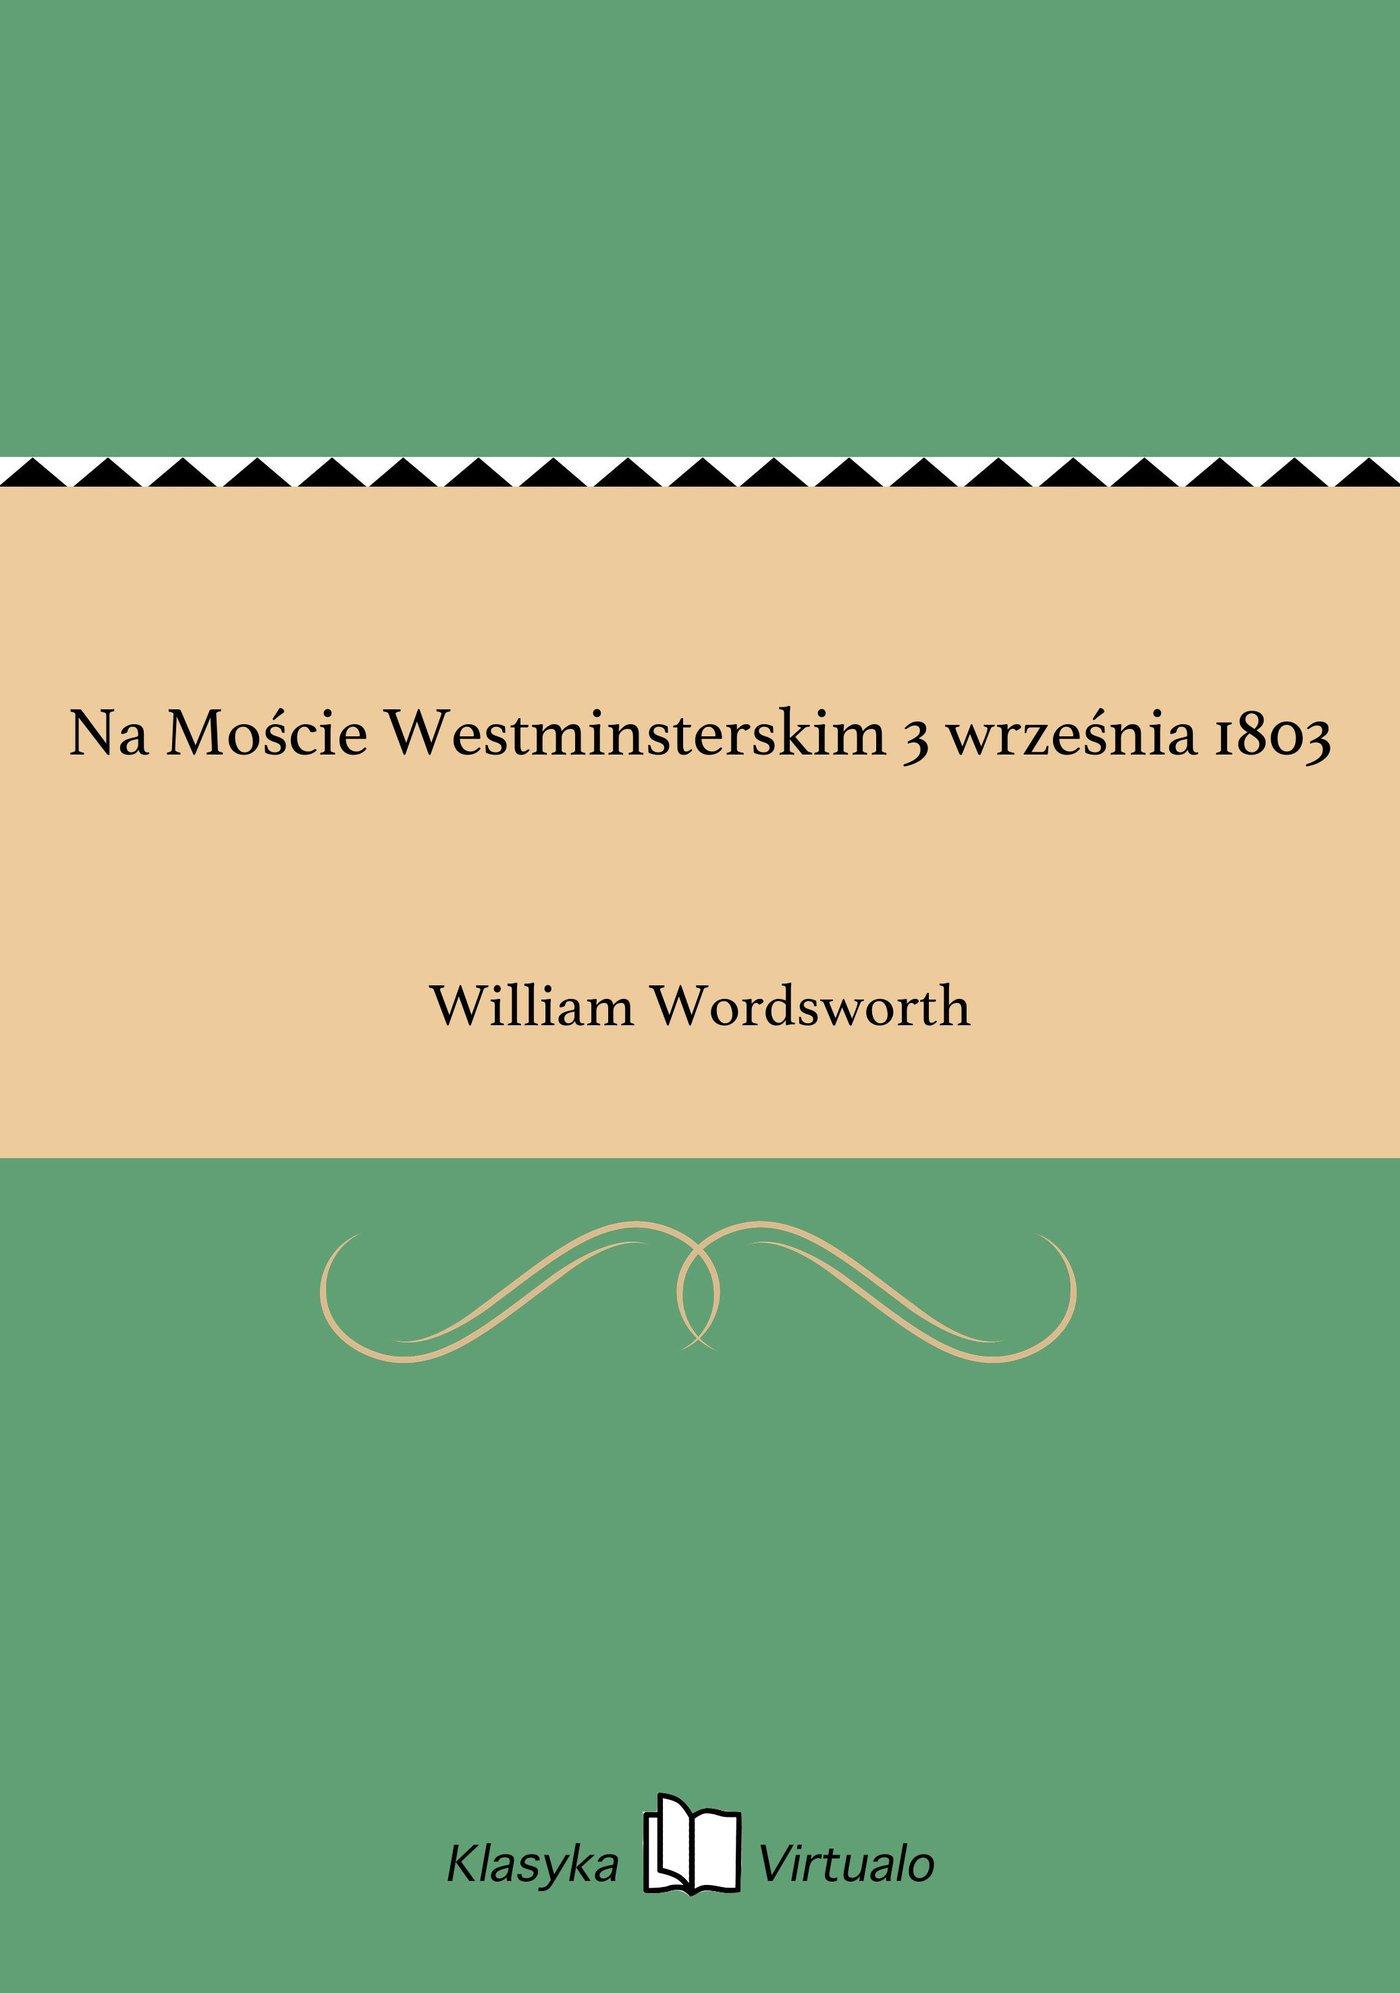 Na Moście Westminsterskim 3 września 1803 - Ebook (Książka EPUB) do pobrania w formacie EPUB